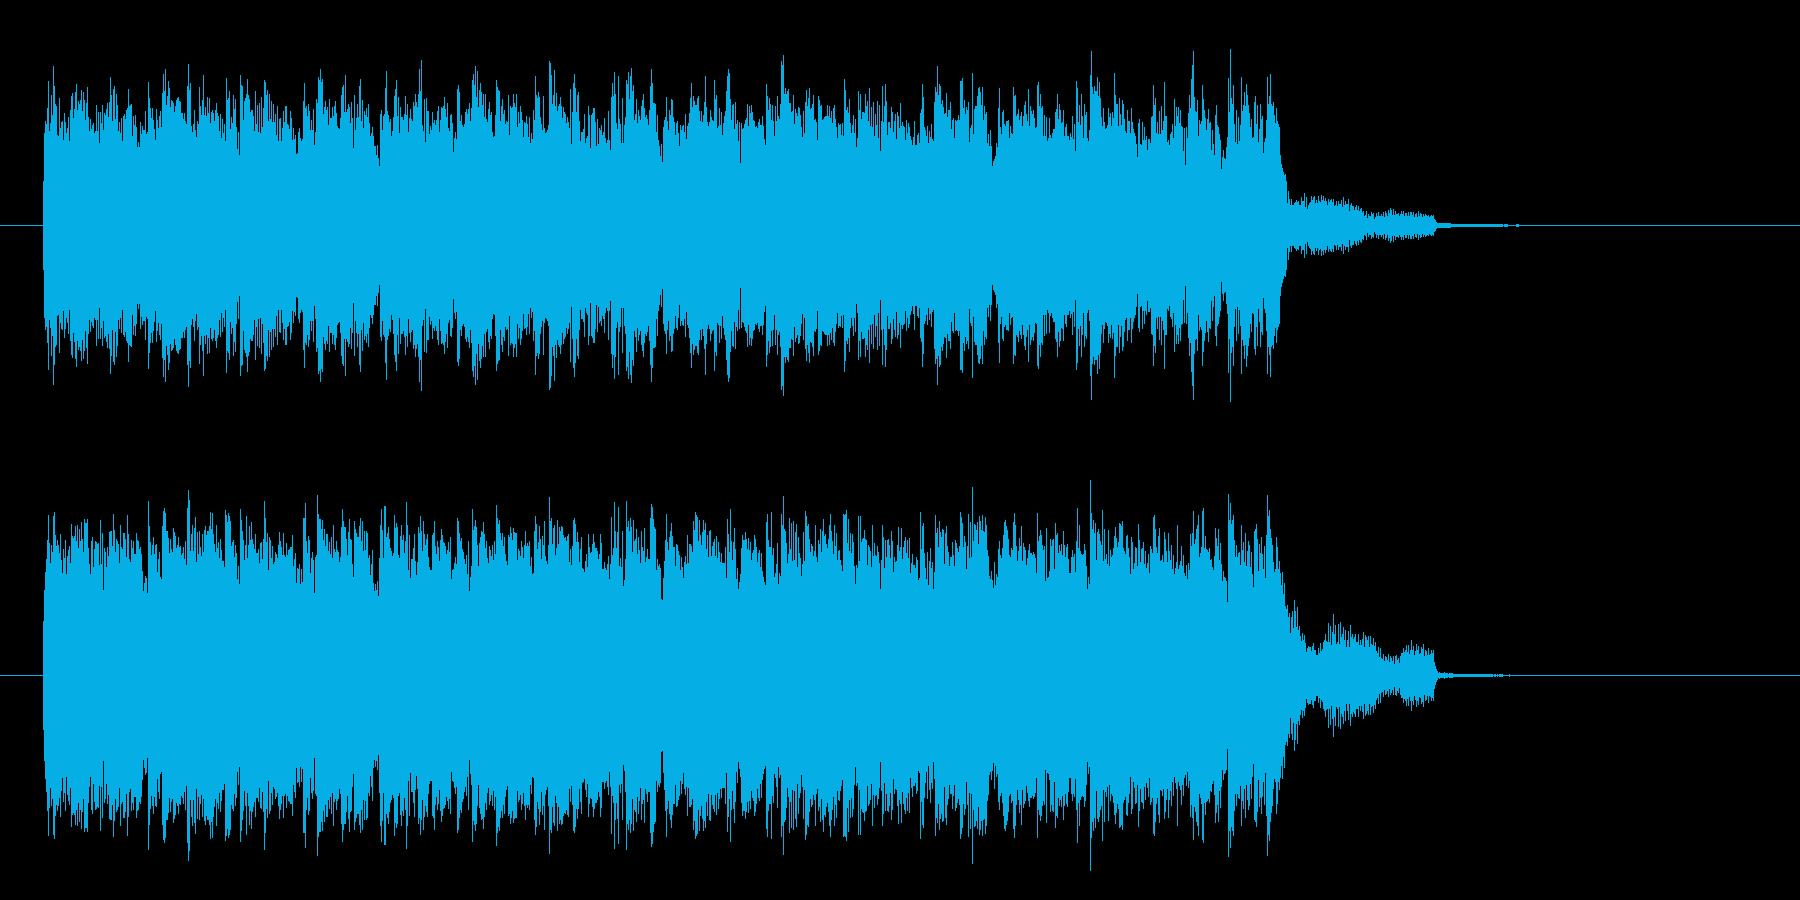 危機が迫るようなミュージックの再生済みの波形